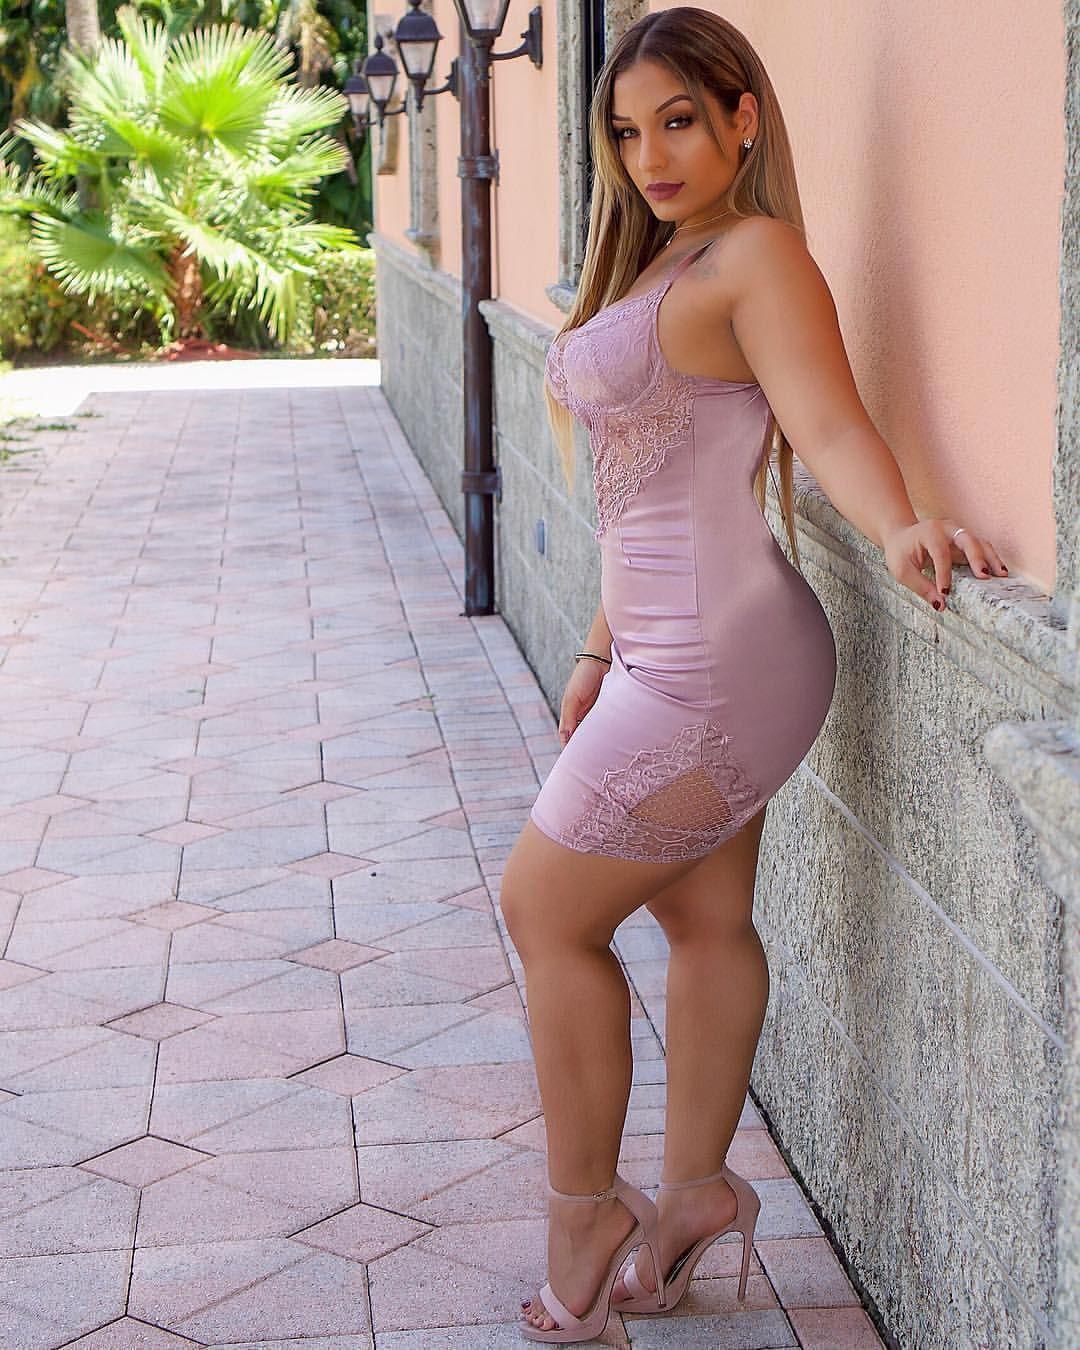 Big ass and feet women